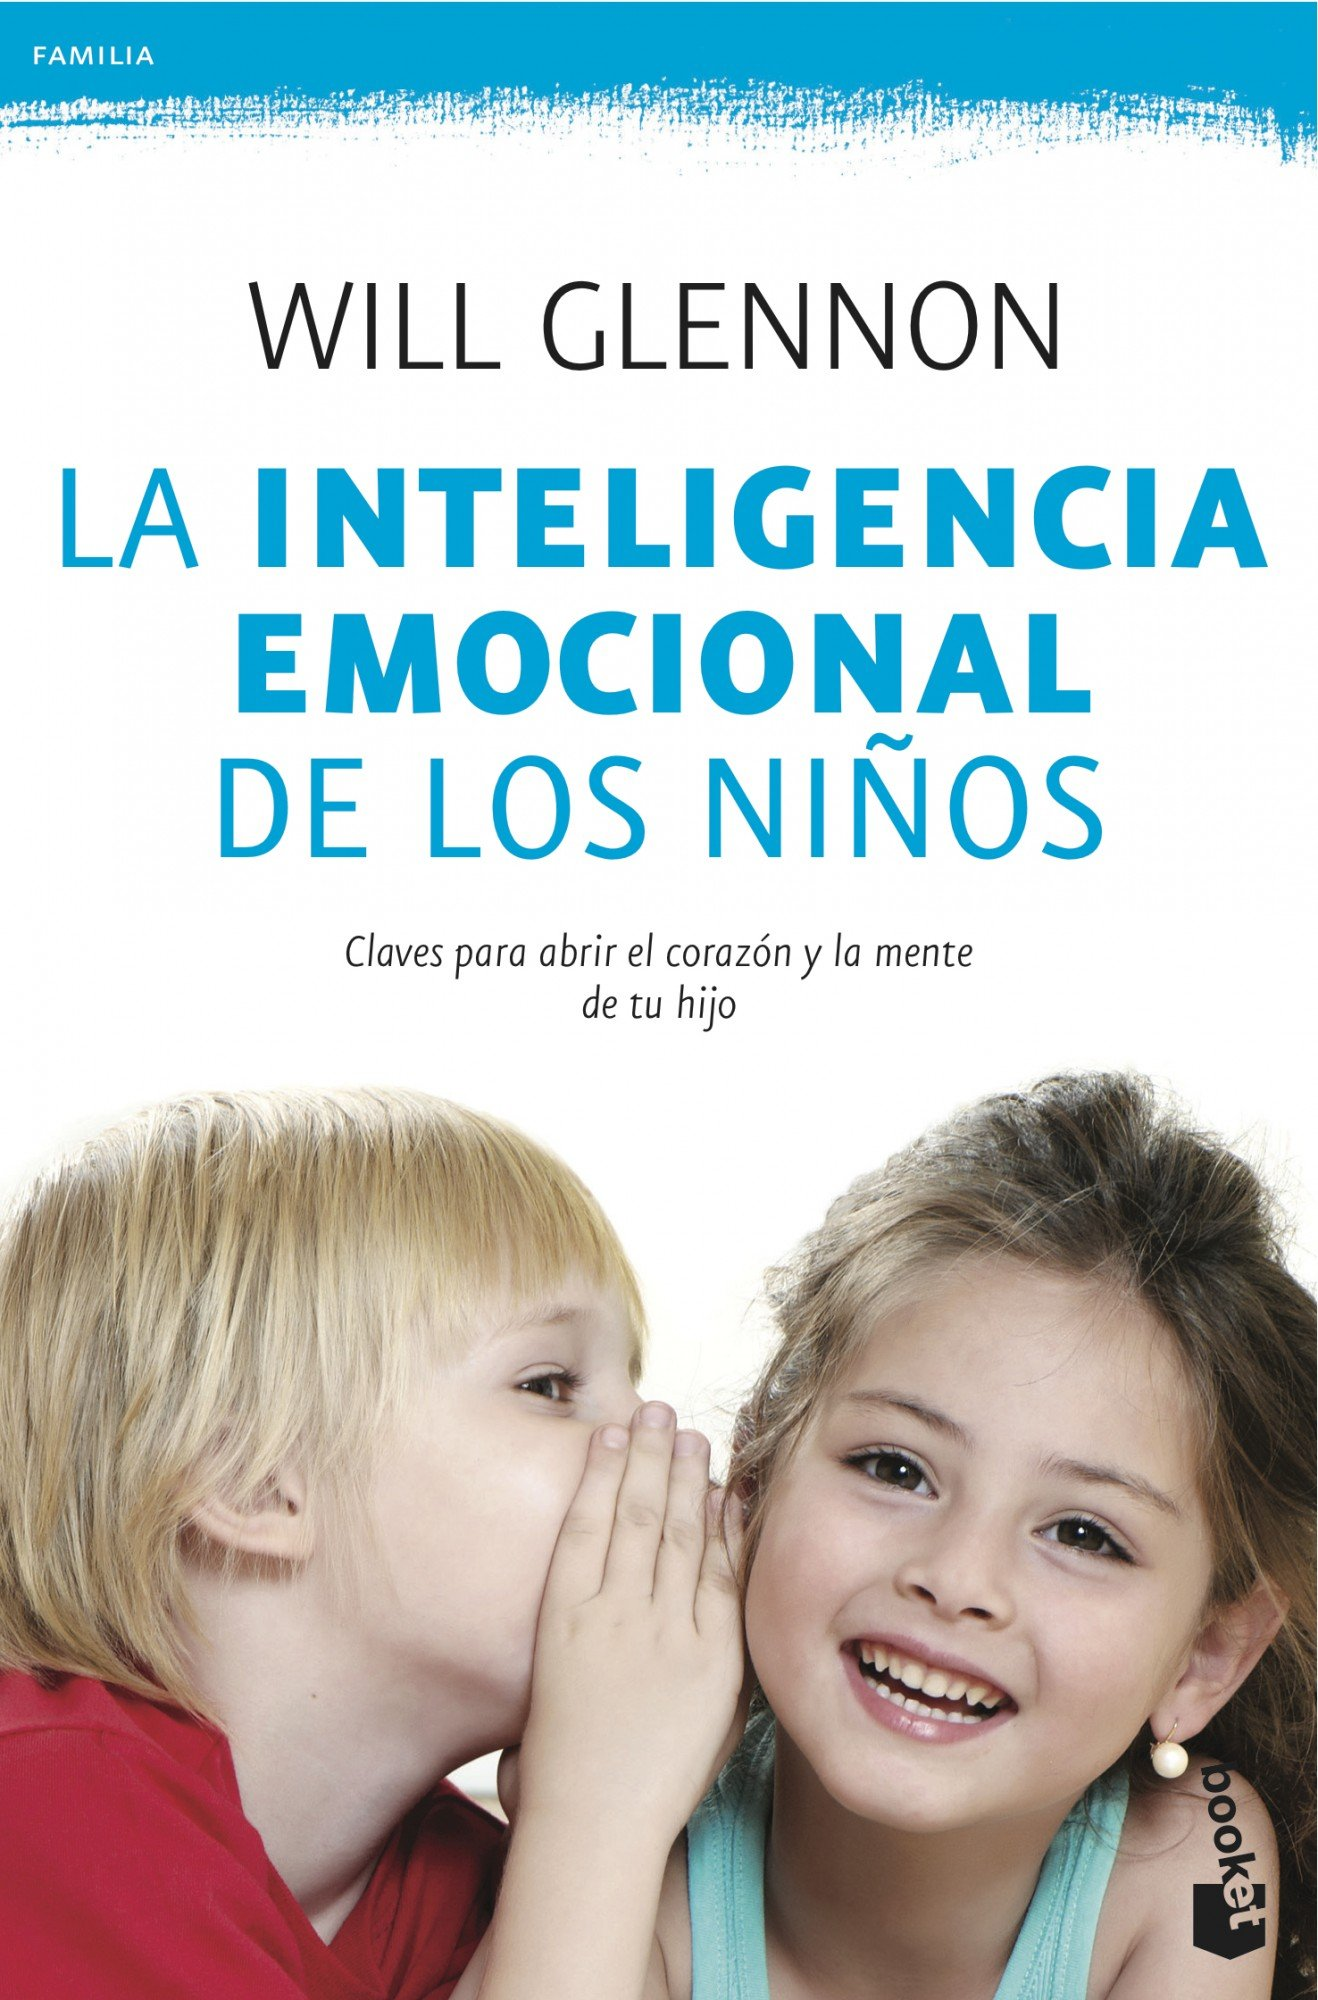 La inteligencia emocional de los niños (Familia): Amazon.es: Will Glennon,  Elena Barrutia: Libros